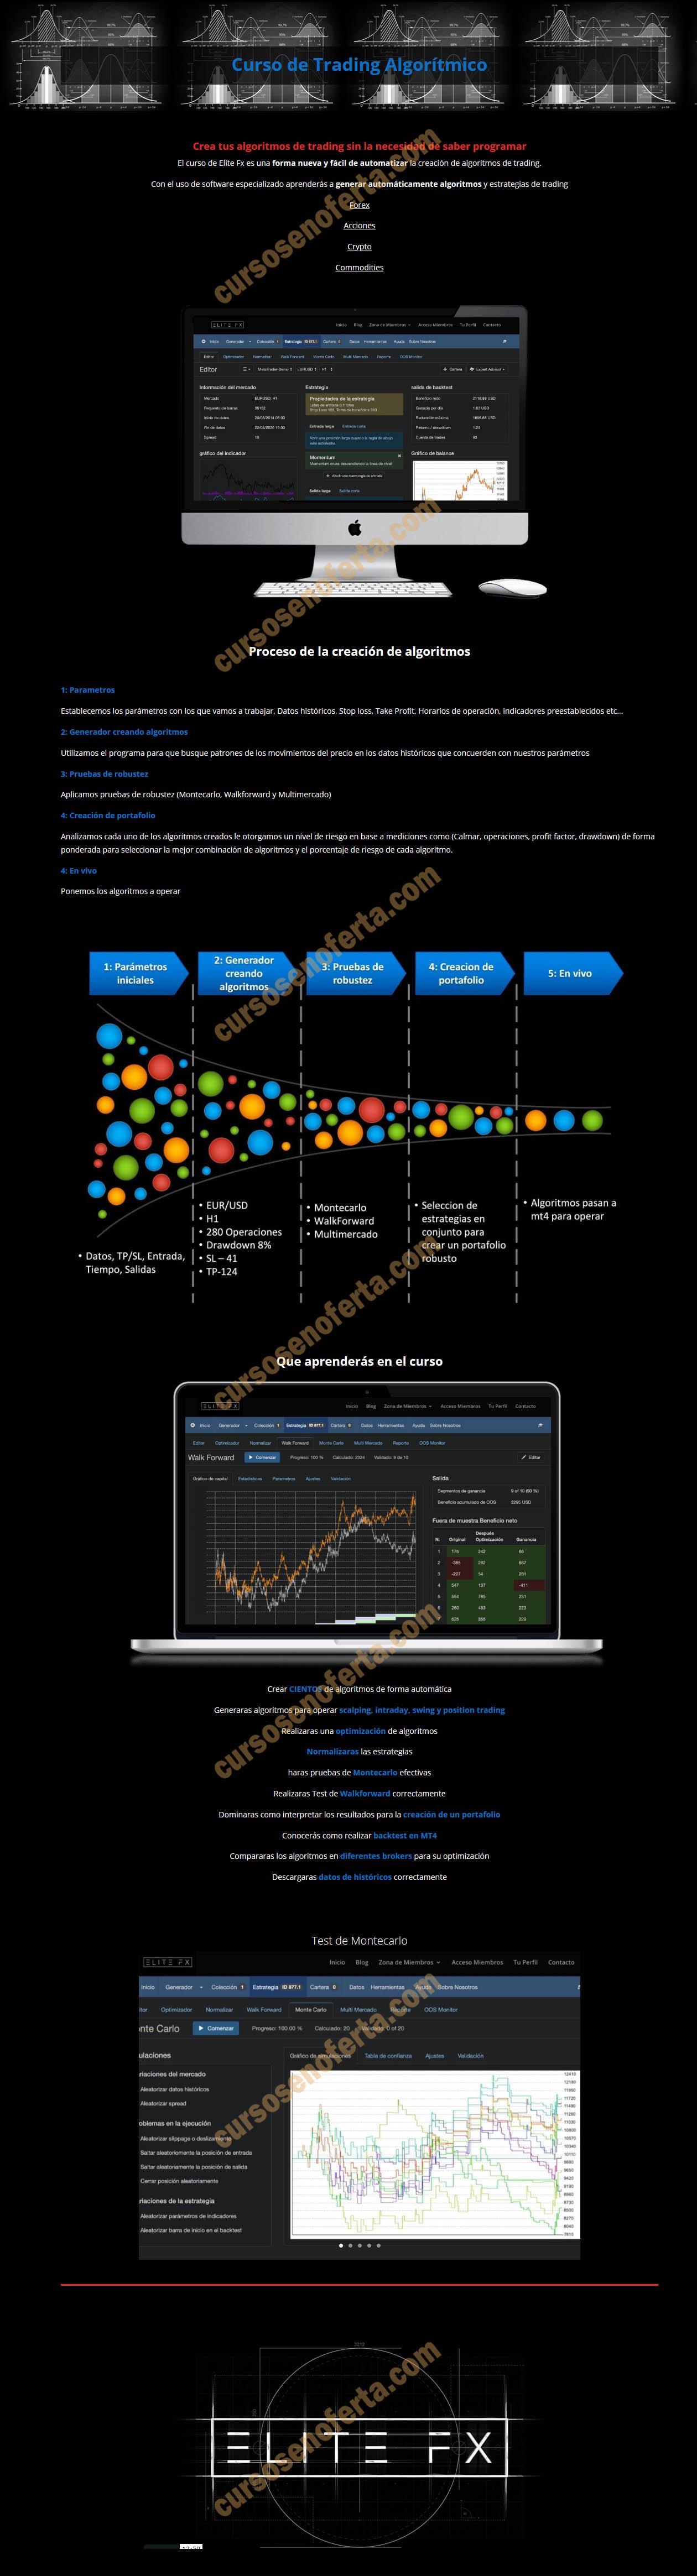 Curso de Trading Algorítmico - elite fx